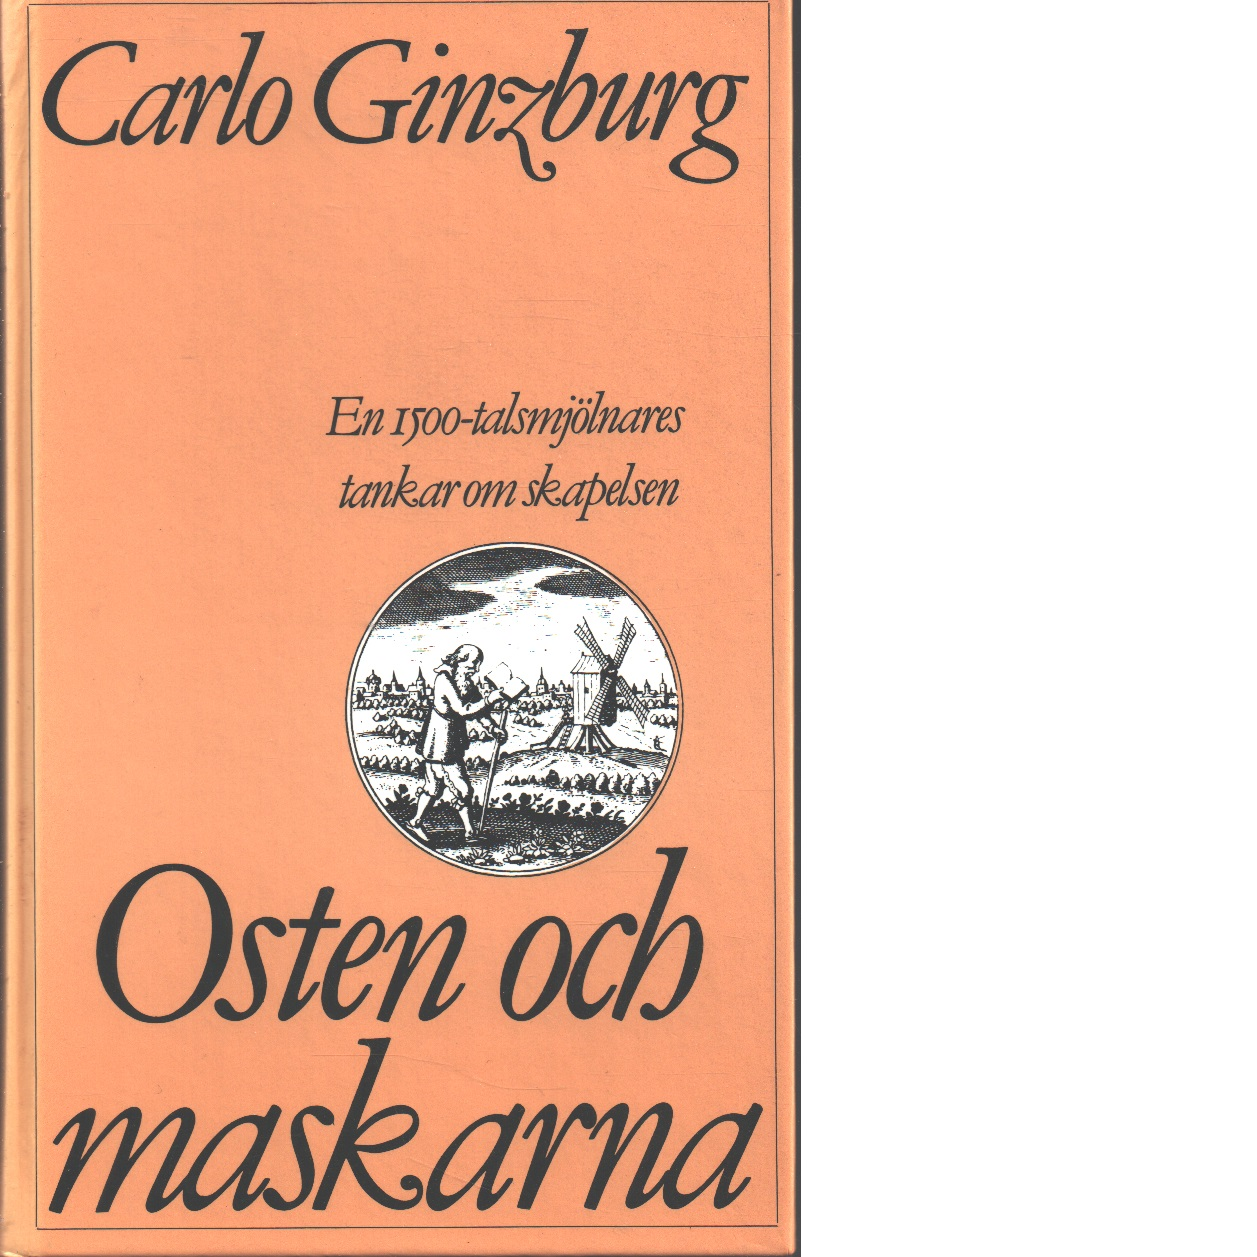 Osten och maskarna : en 1500-talsmjölnares tankar om skapelsen - Ginzburg, Carlo